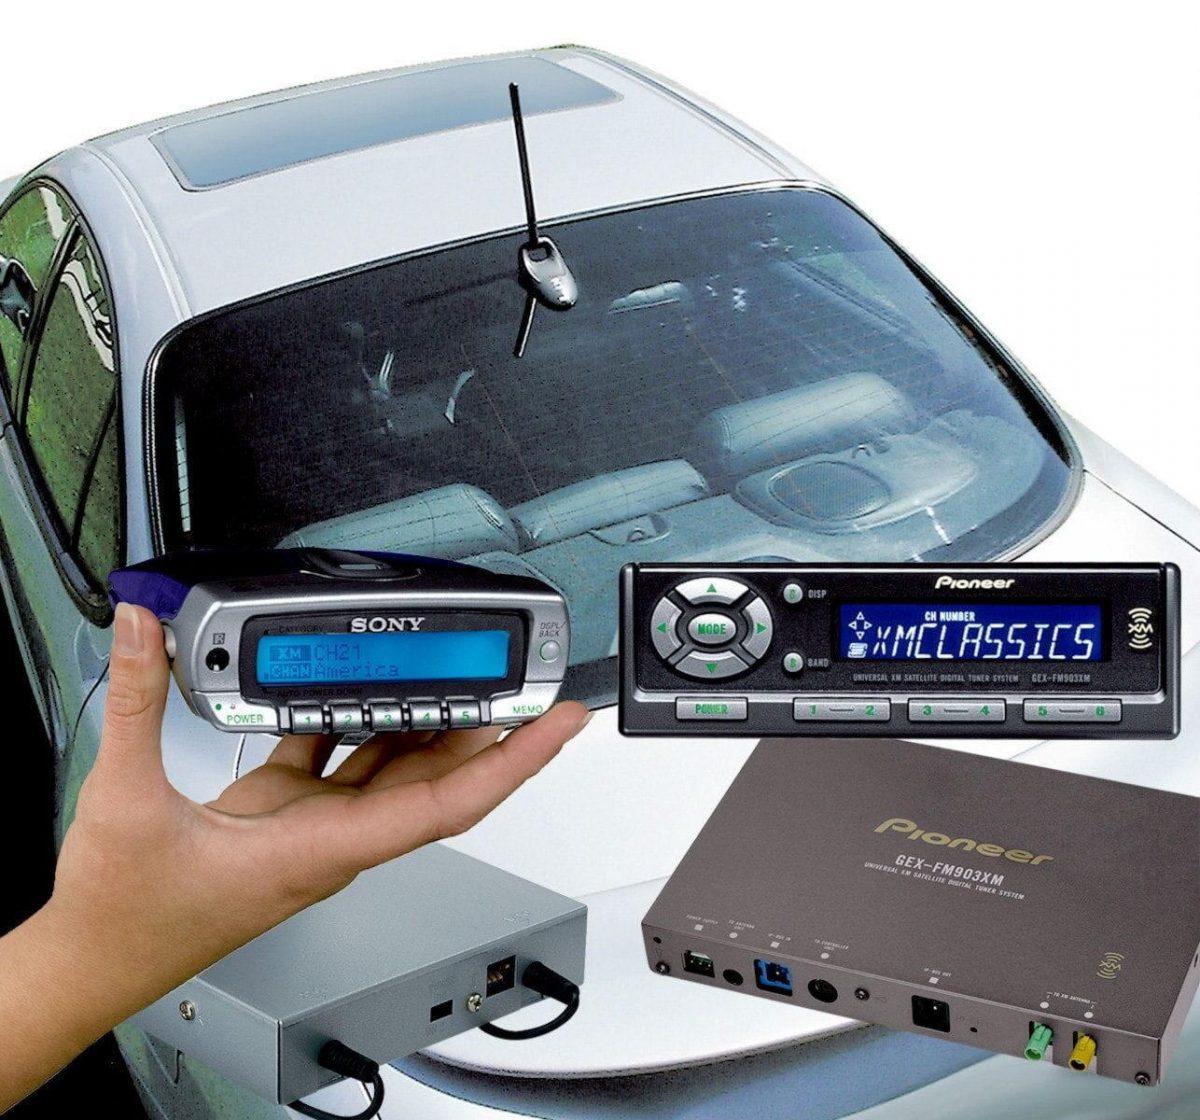 Автомобильная антенна для автомагнитолы, радио